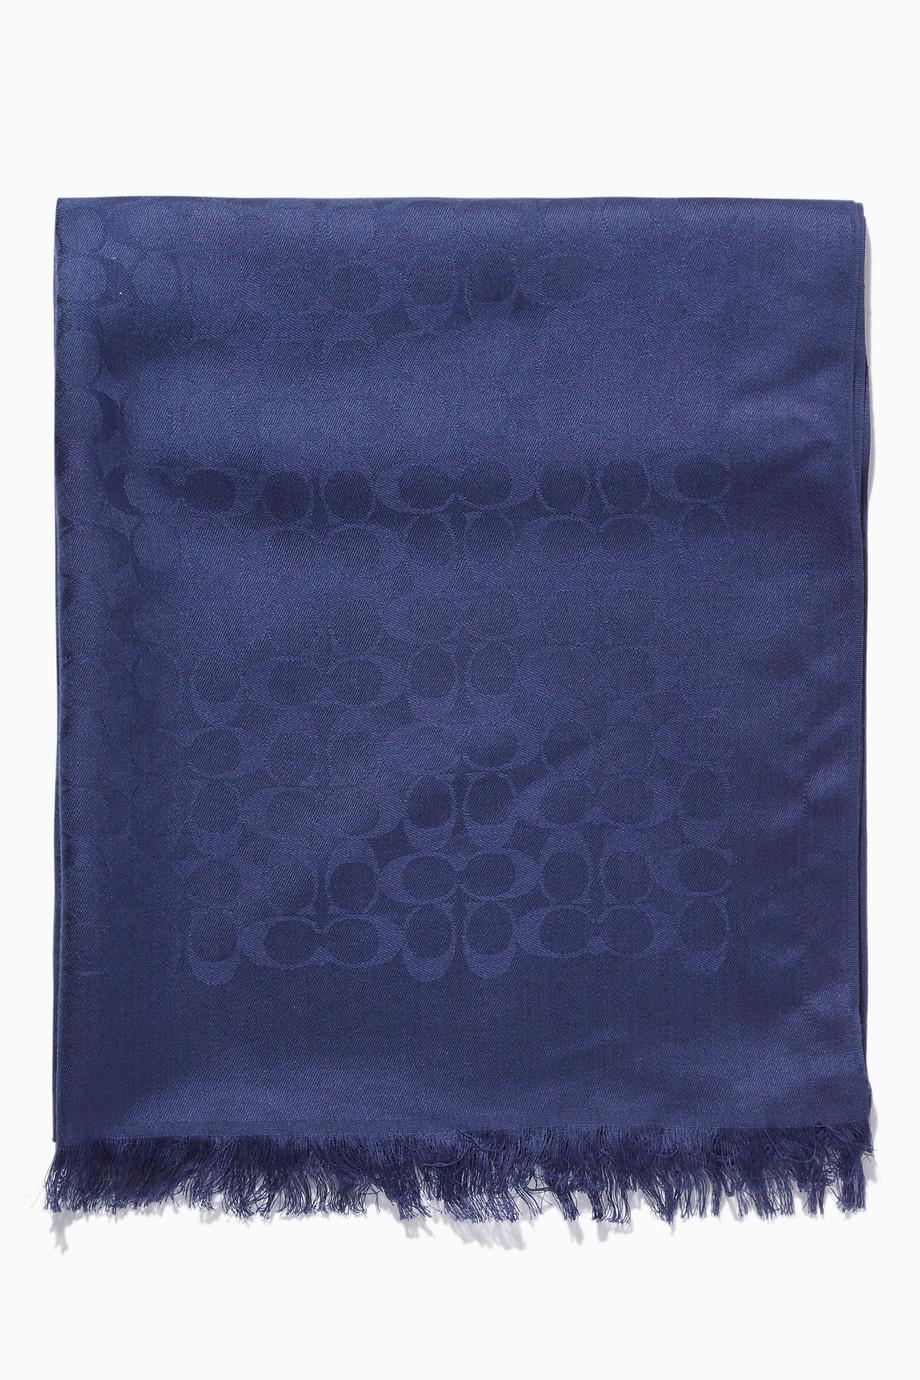 81d7391c1a6e Shop Coach Blue Cadet-Blue Jacquard Signature C Stole for Women ...